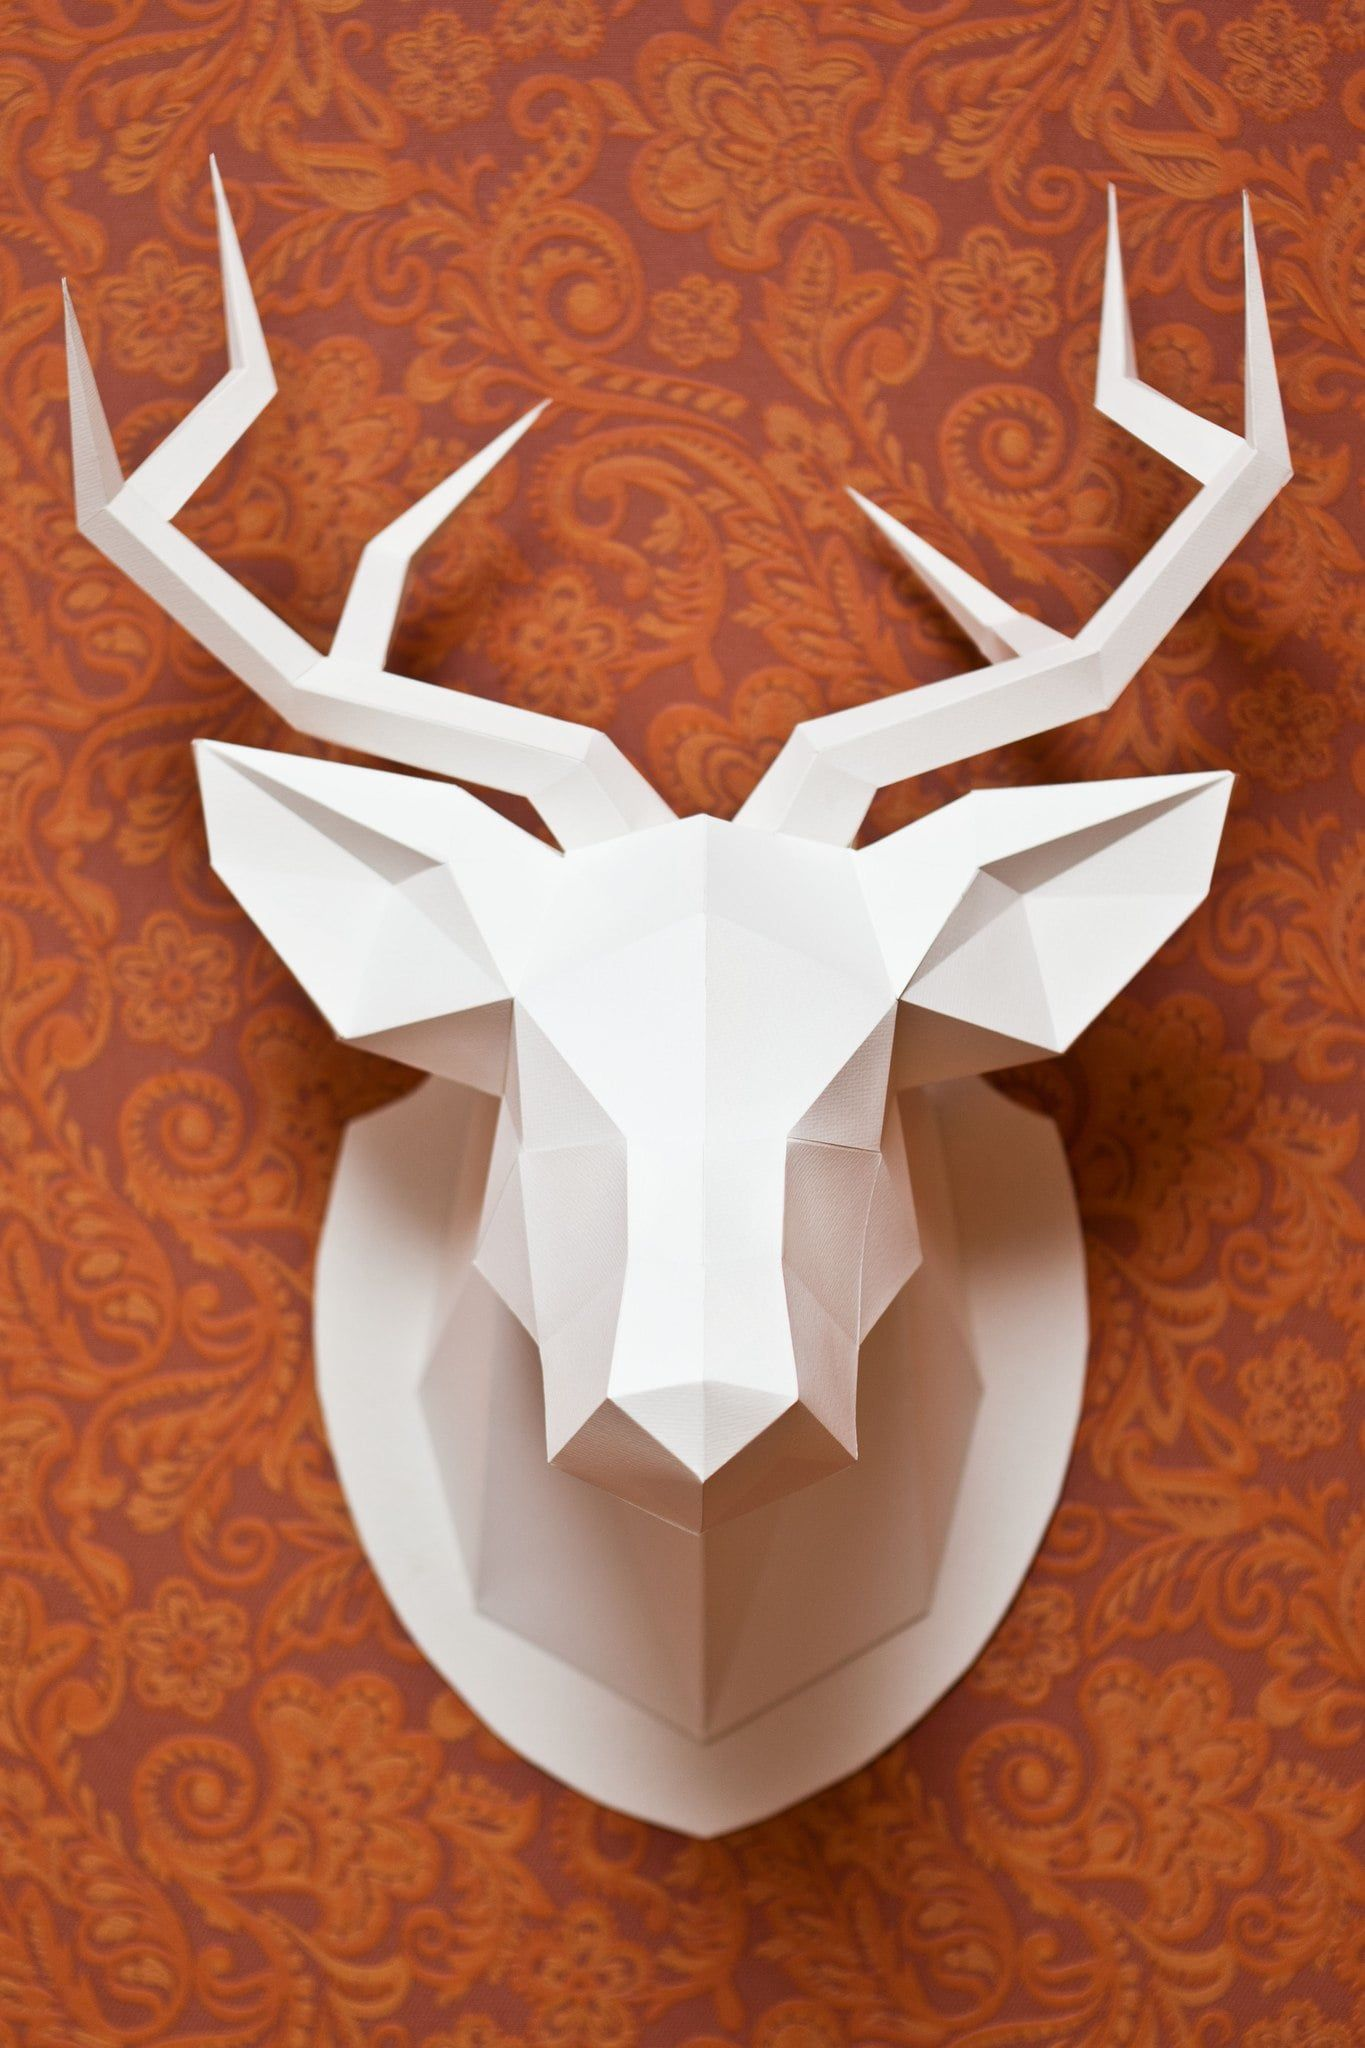 Объемный олень из бумаги своими руками шаблоны   Объемный конструктор из картона для детей 167